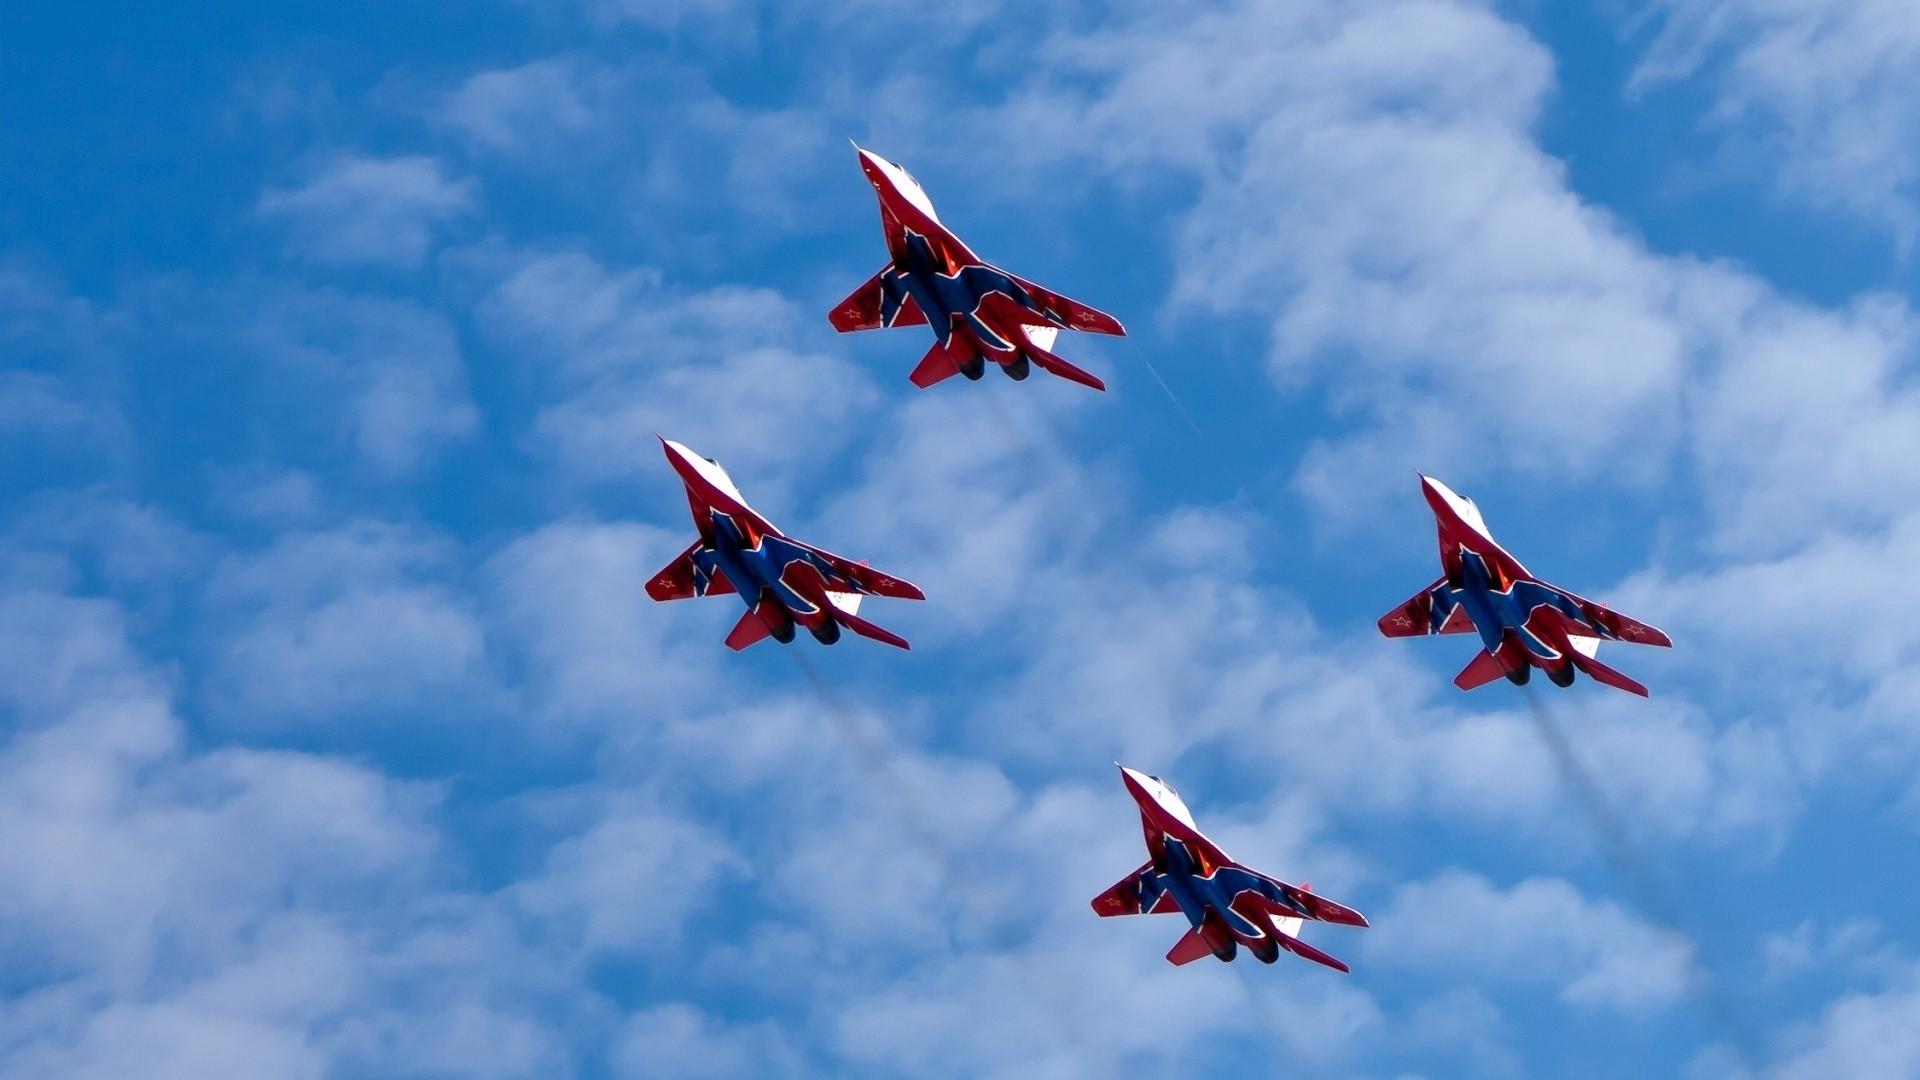 торопыгин фото истребителей россии в небе три